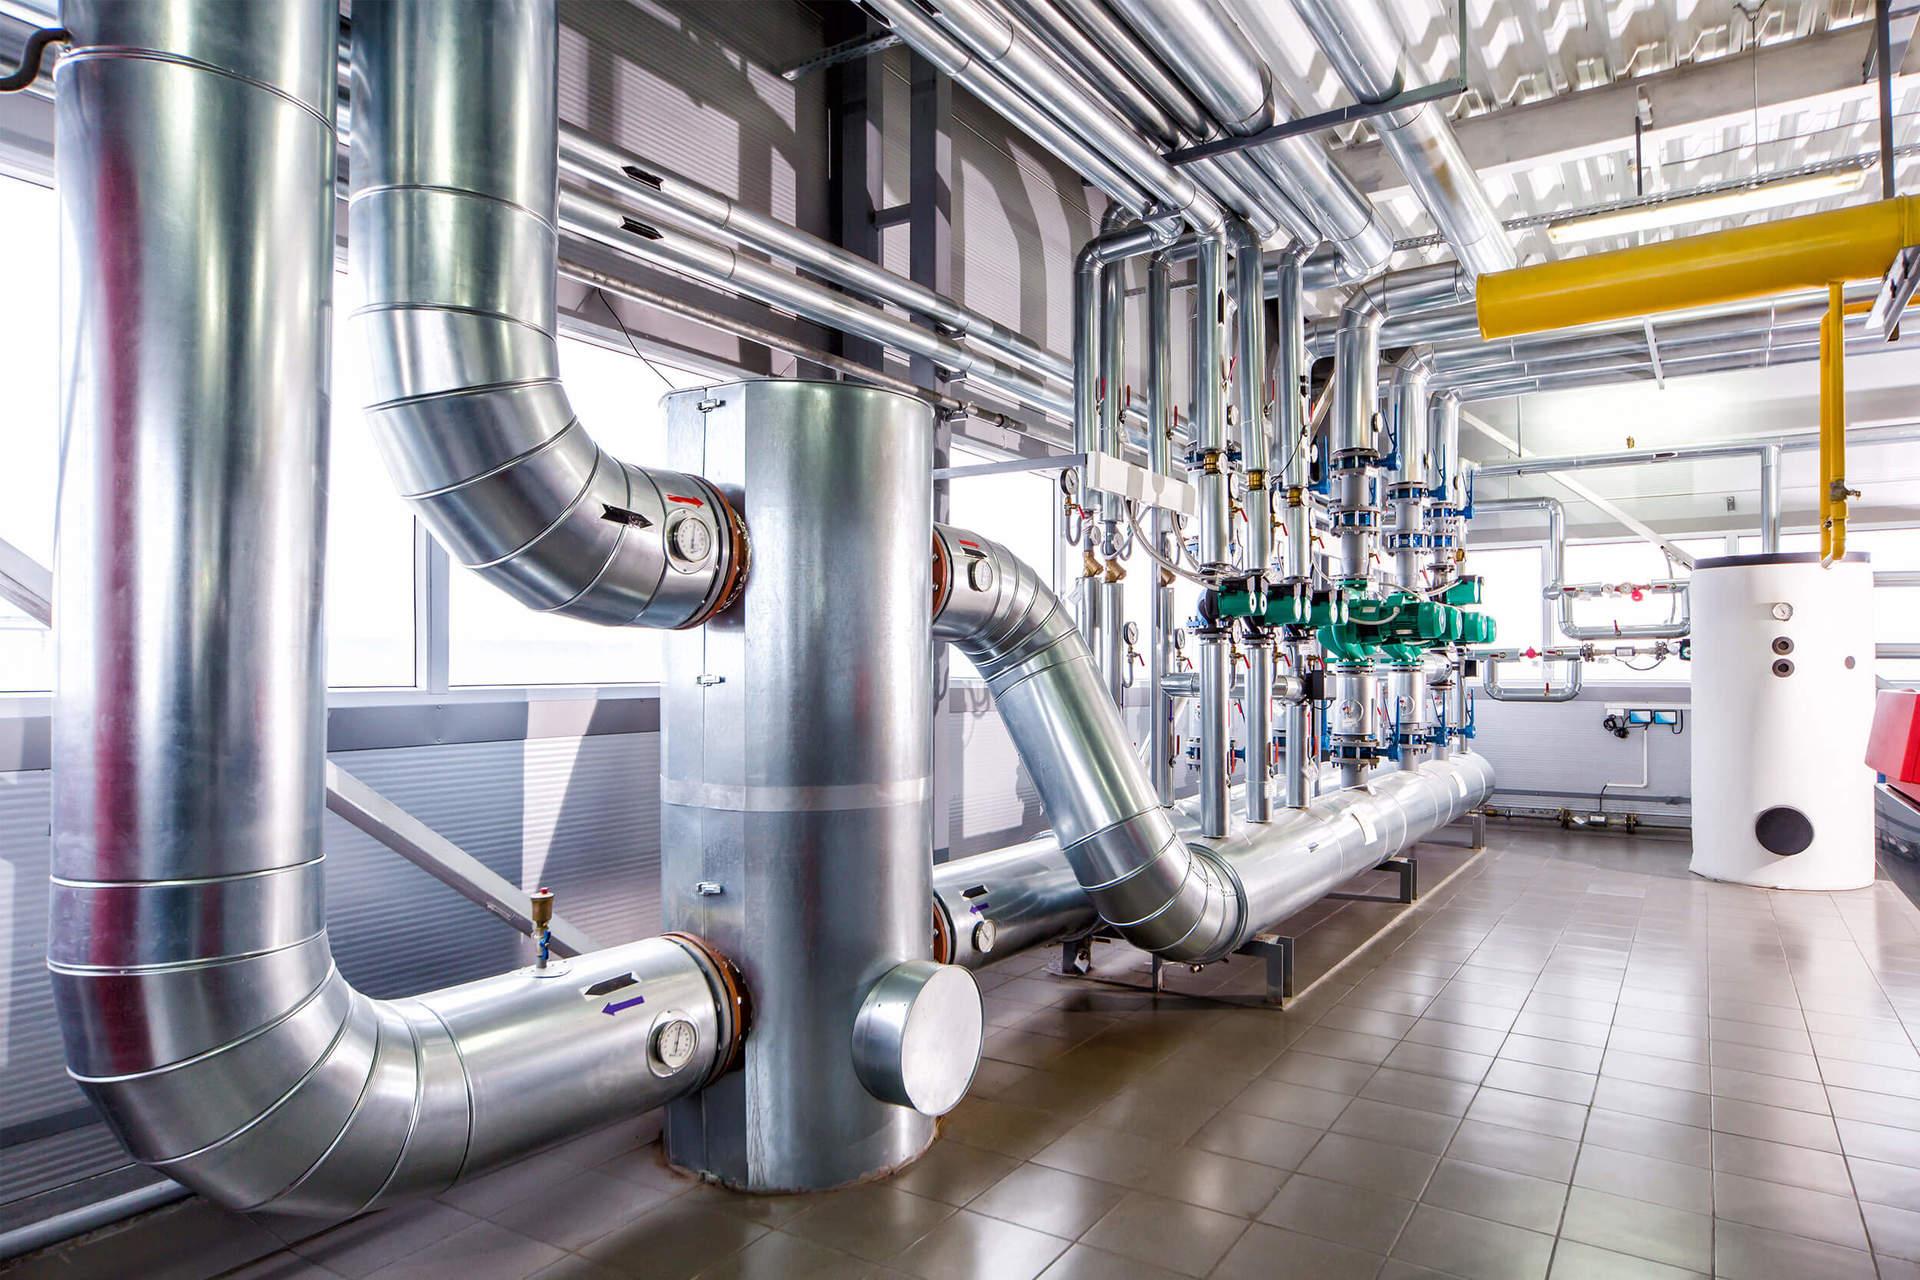 Realizzazione impianti fotovoltaici - Crocetta del Montello -Treviso - Mazzocato